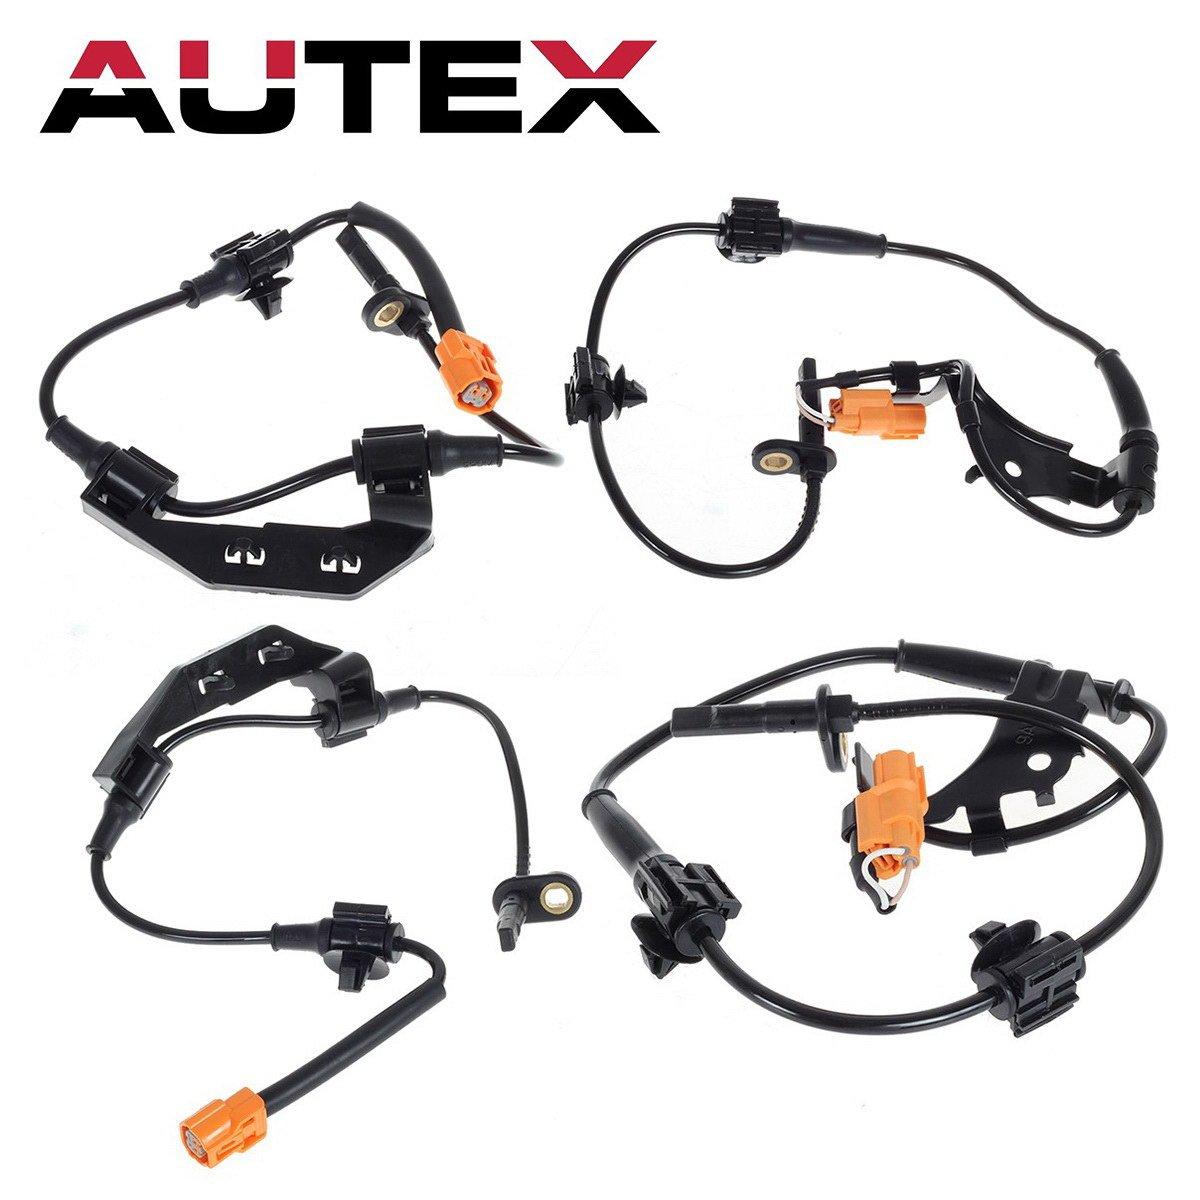 AUTEX 4Pcs ABS Wheel Speed Sensor Rear & Front 57470-S9A-013 ALS1101 compatible with 2002 2003 2004 2005 2006 Honda CRV L4-2.4L